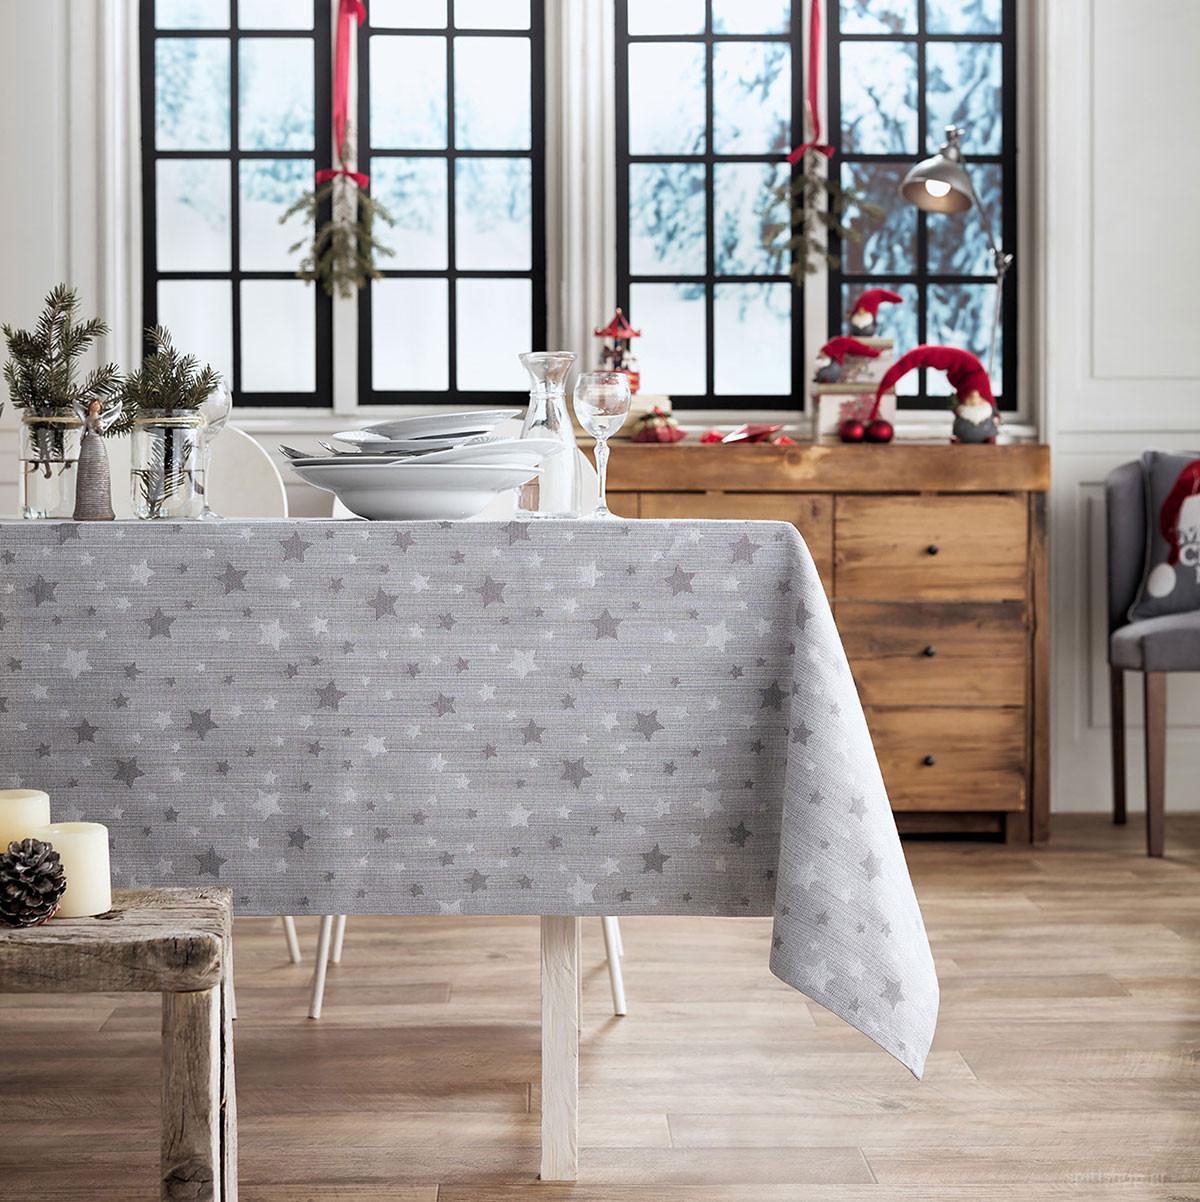 Χριστουγεννιάτικο Τραπεζομάντηλο (135×180) Gofis Home 901/15